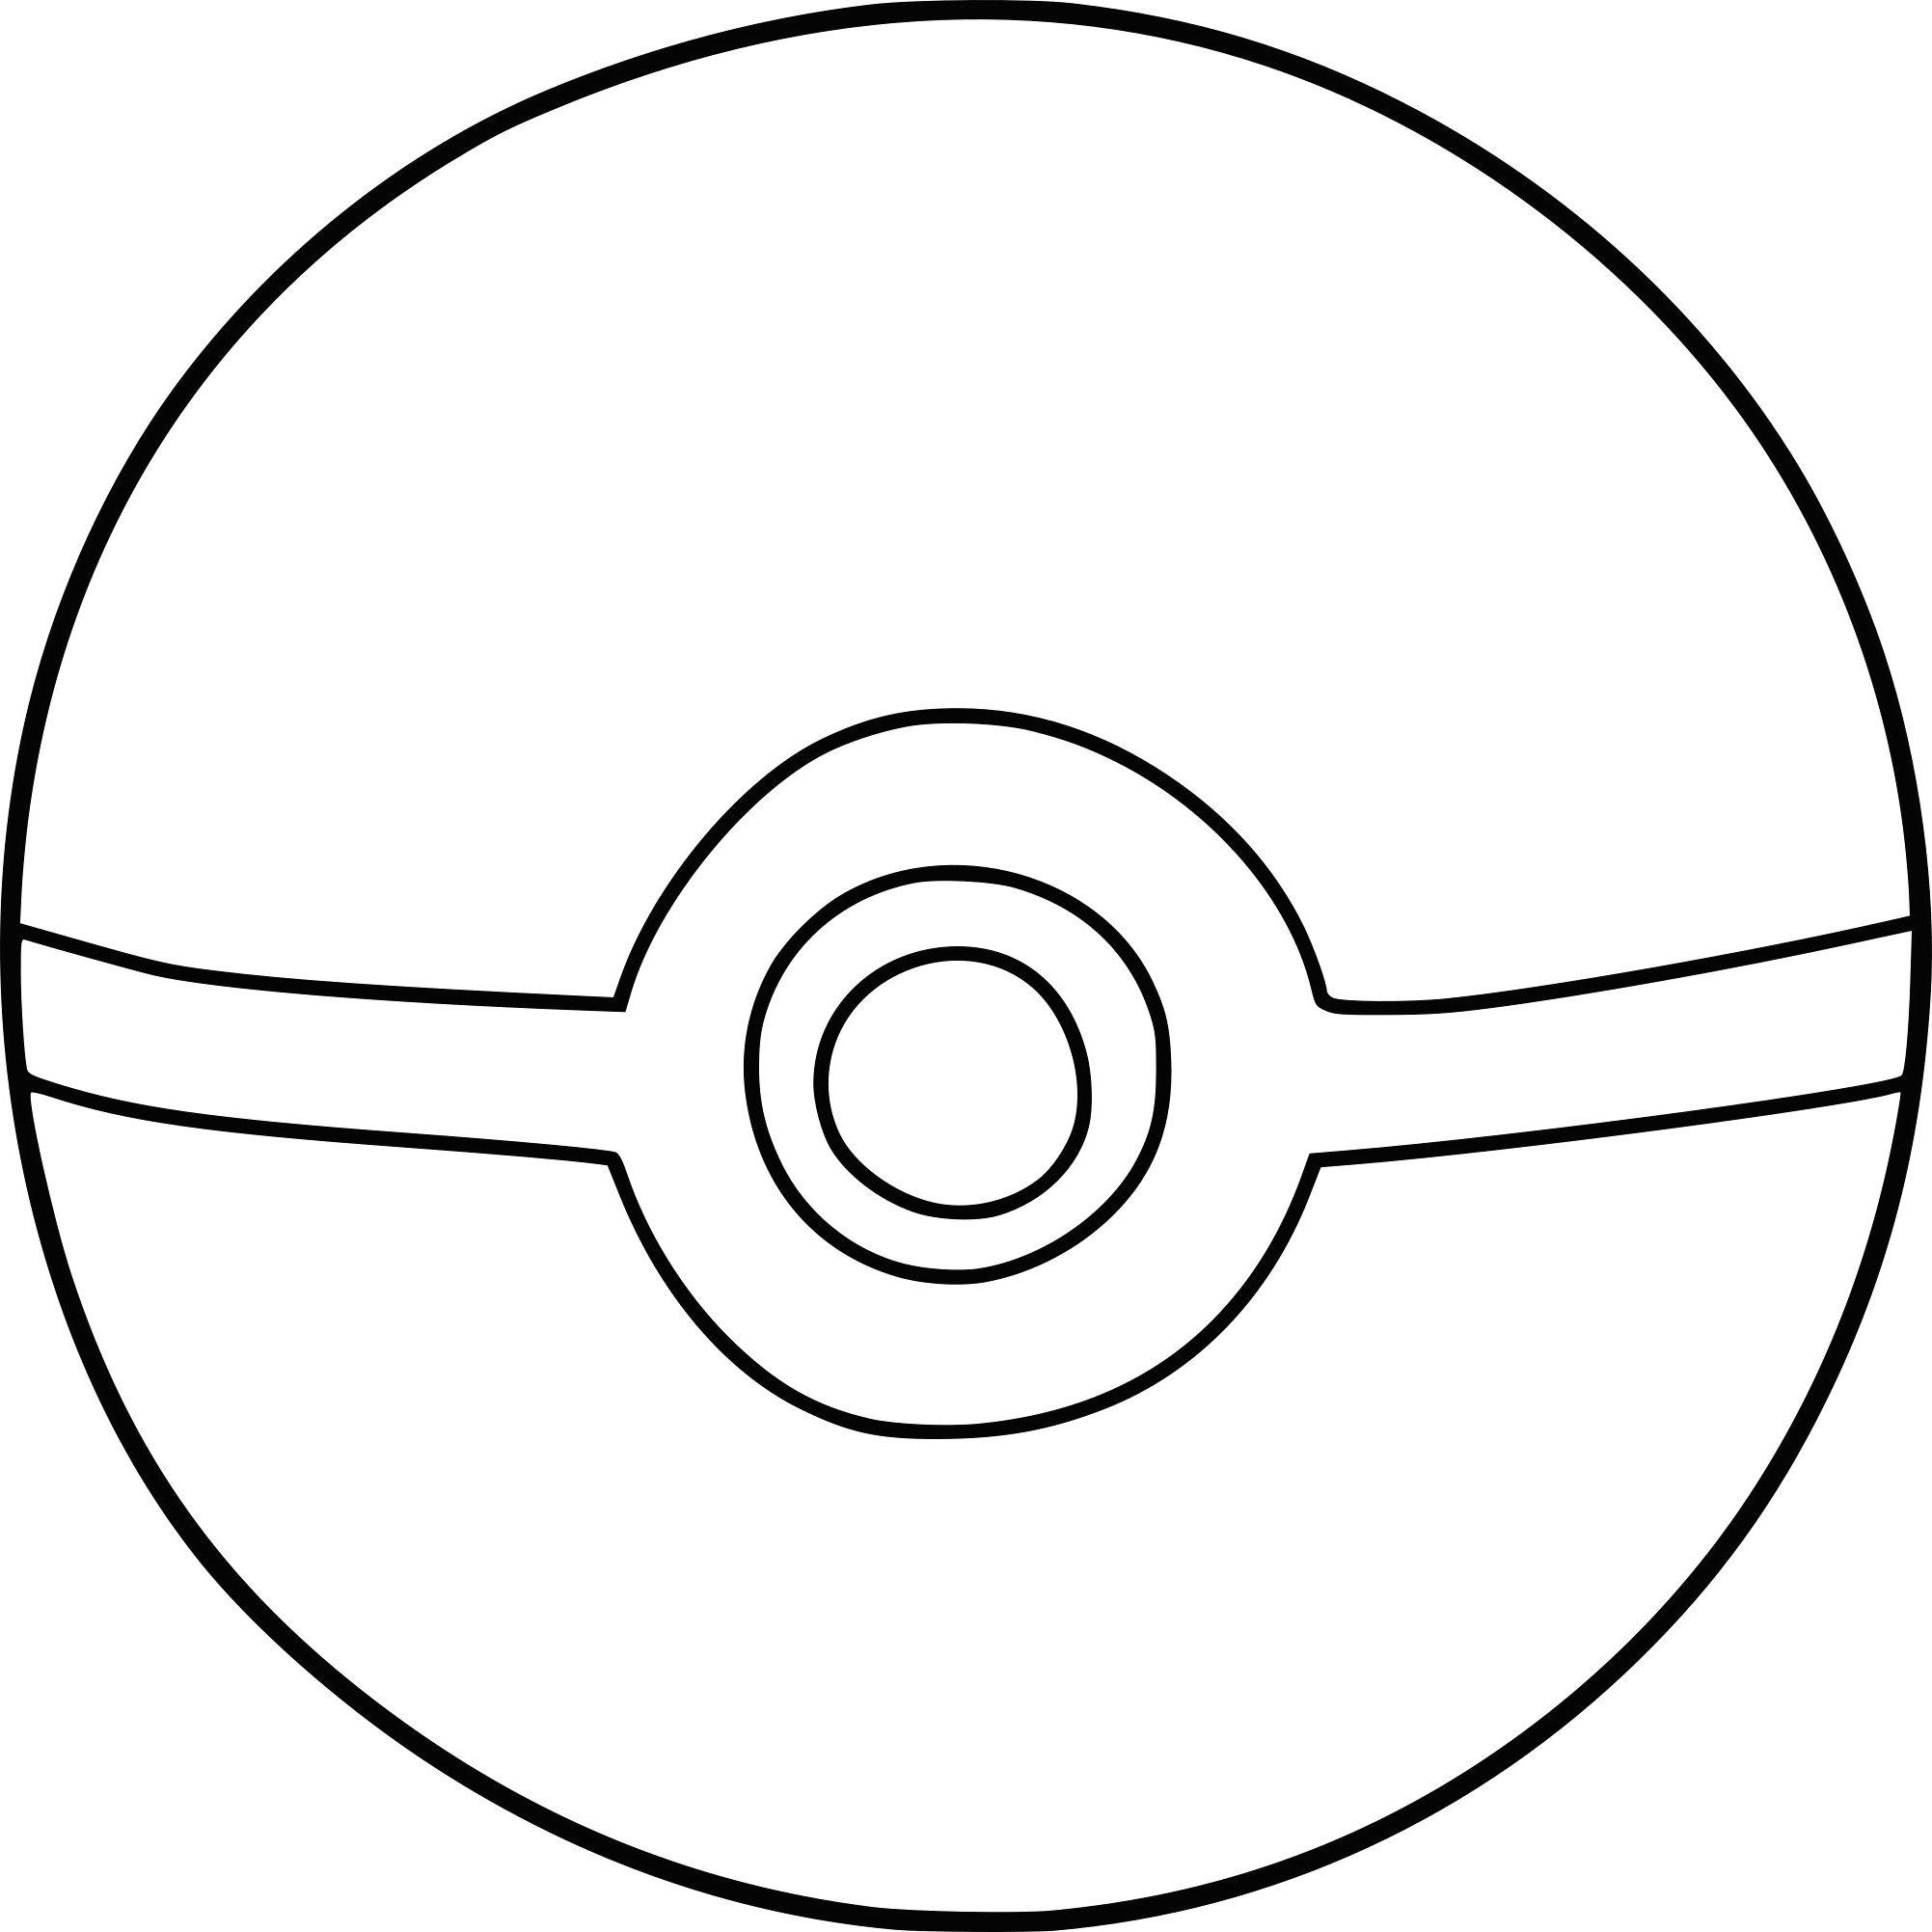 Coloriage Pokemon Gratuit Imprimer Part 2 Avec Coloriage Pokemon